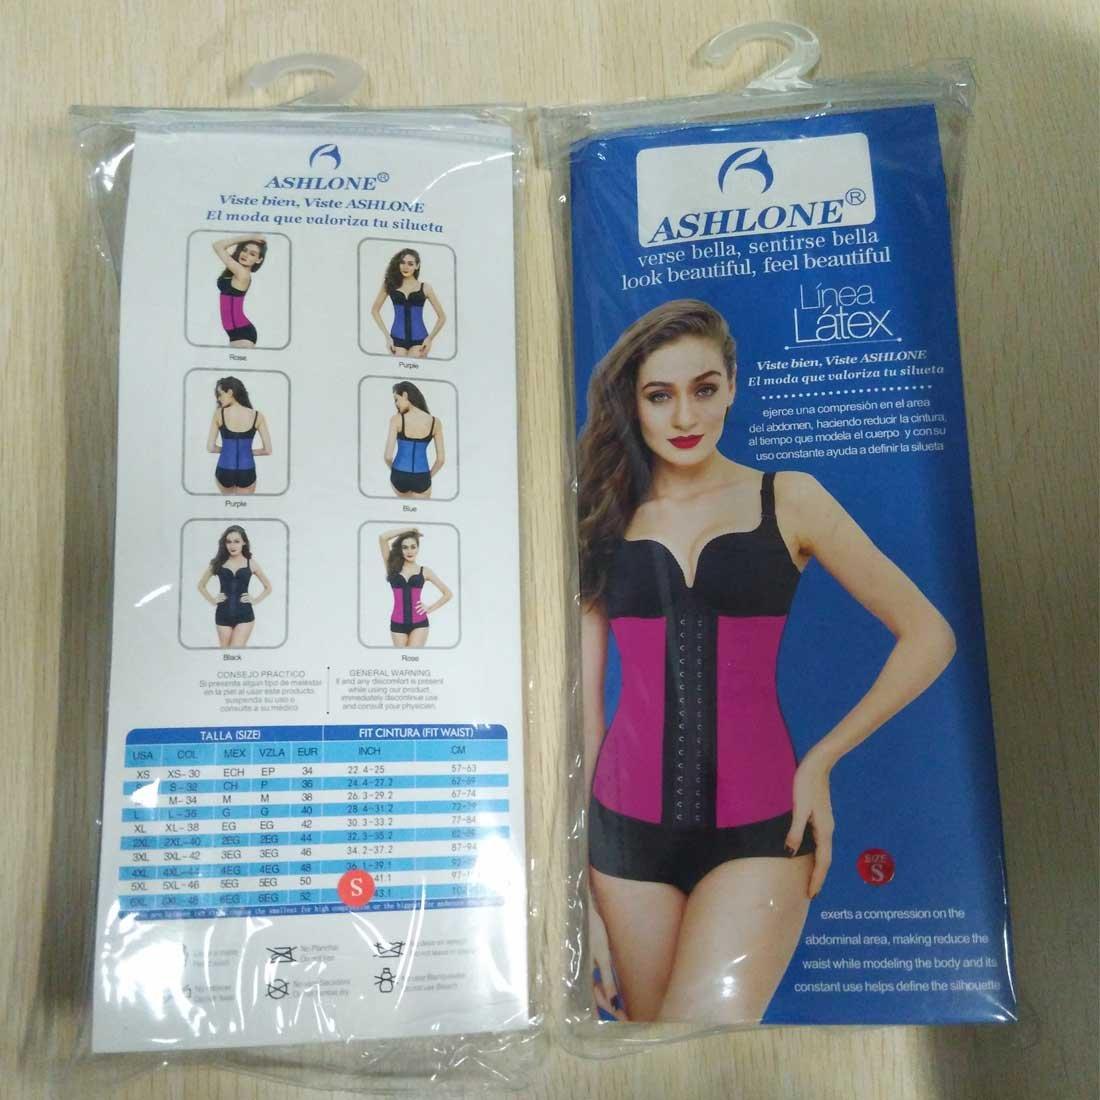 ashlone - látex cintura Shaper faja entrenamiento 9 acero huesos Shapewear 3 ganchos: Amazon.es: Ropa y accesorios